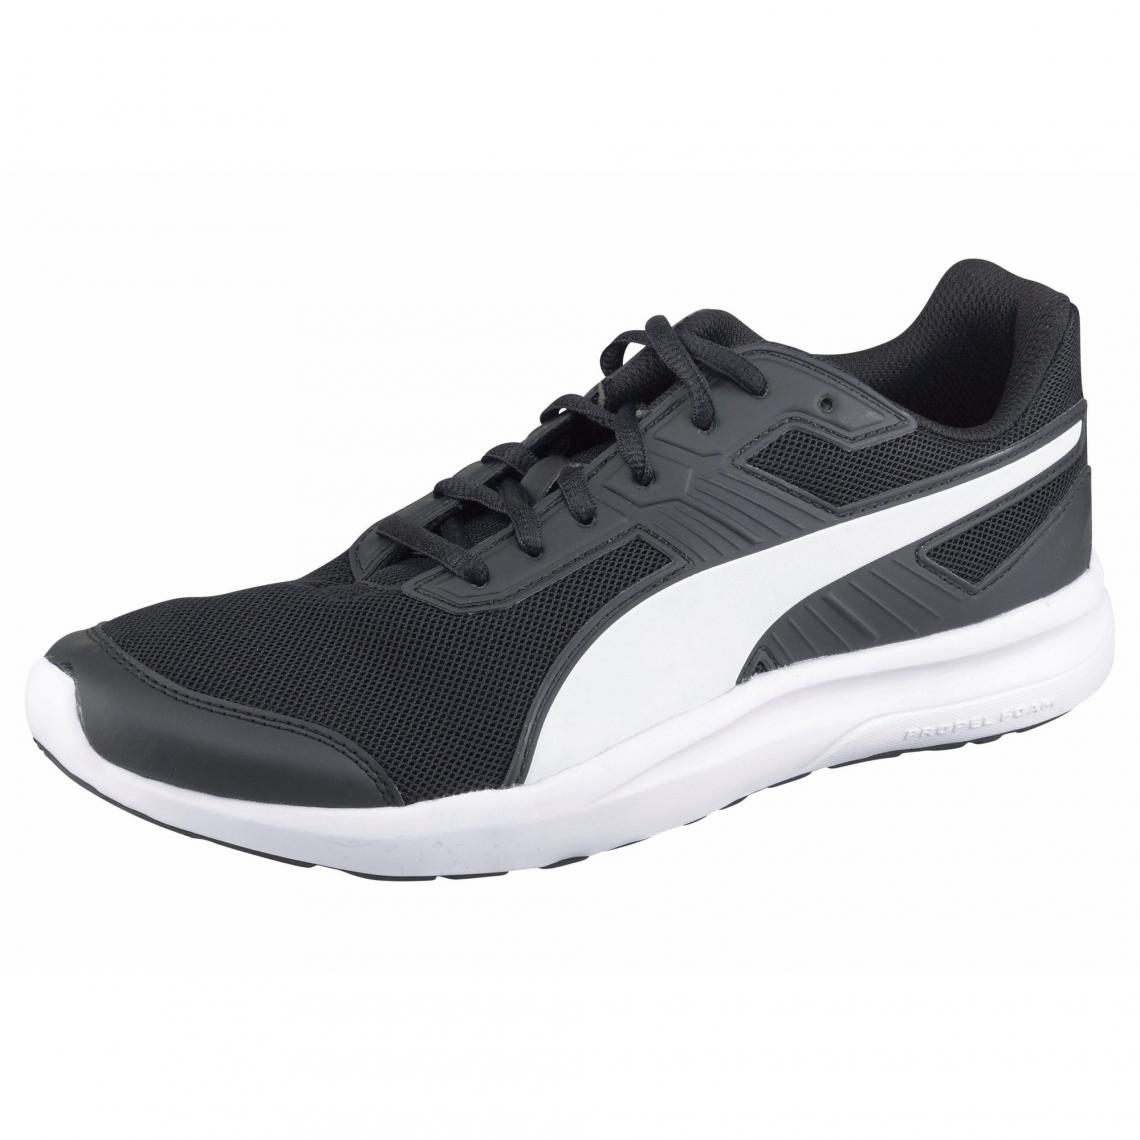 Chaussures de sport homme Escaper Mesh PUMA Noir Blanc